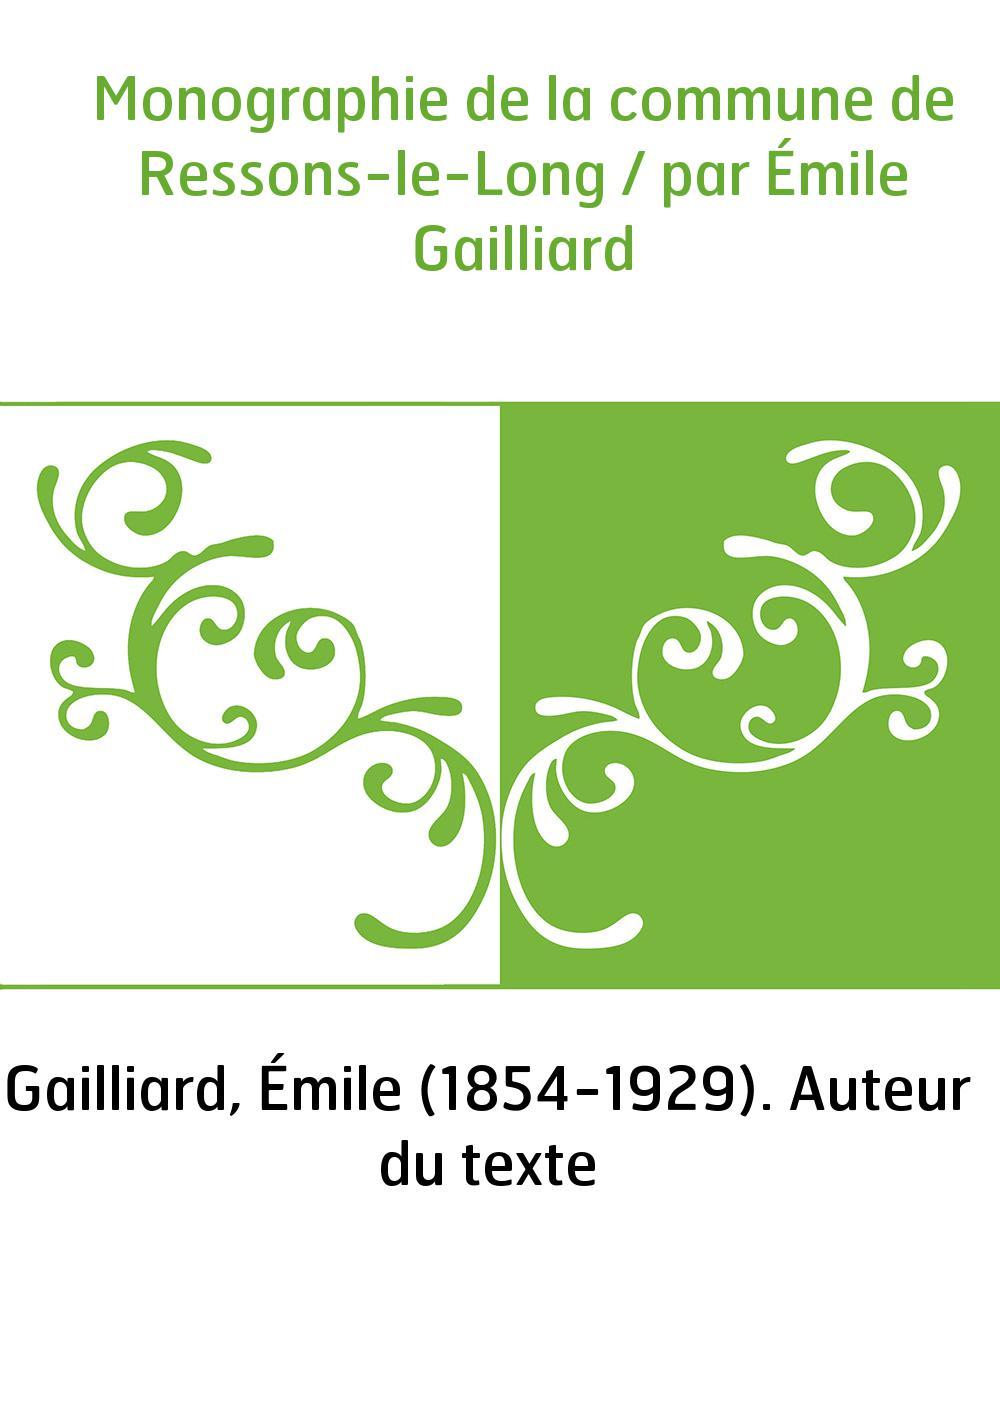 Monographie de la commune de Ressons-le-Long / par Émile Gailliard